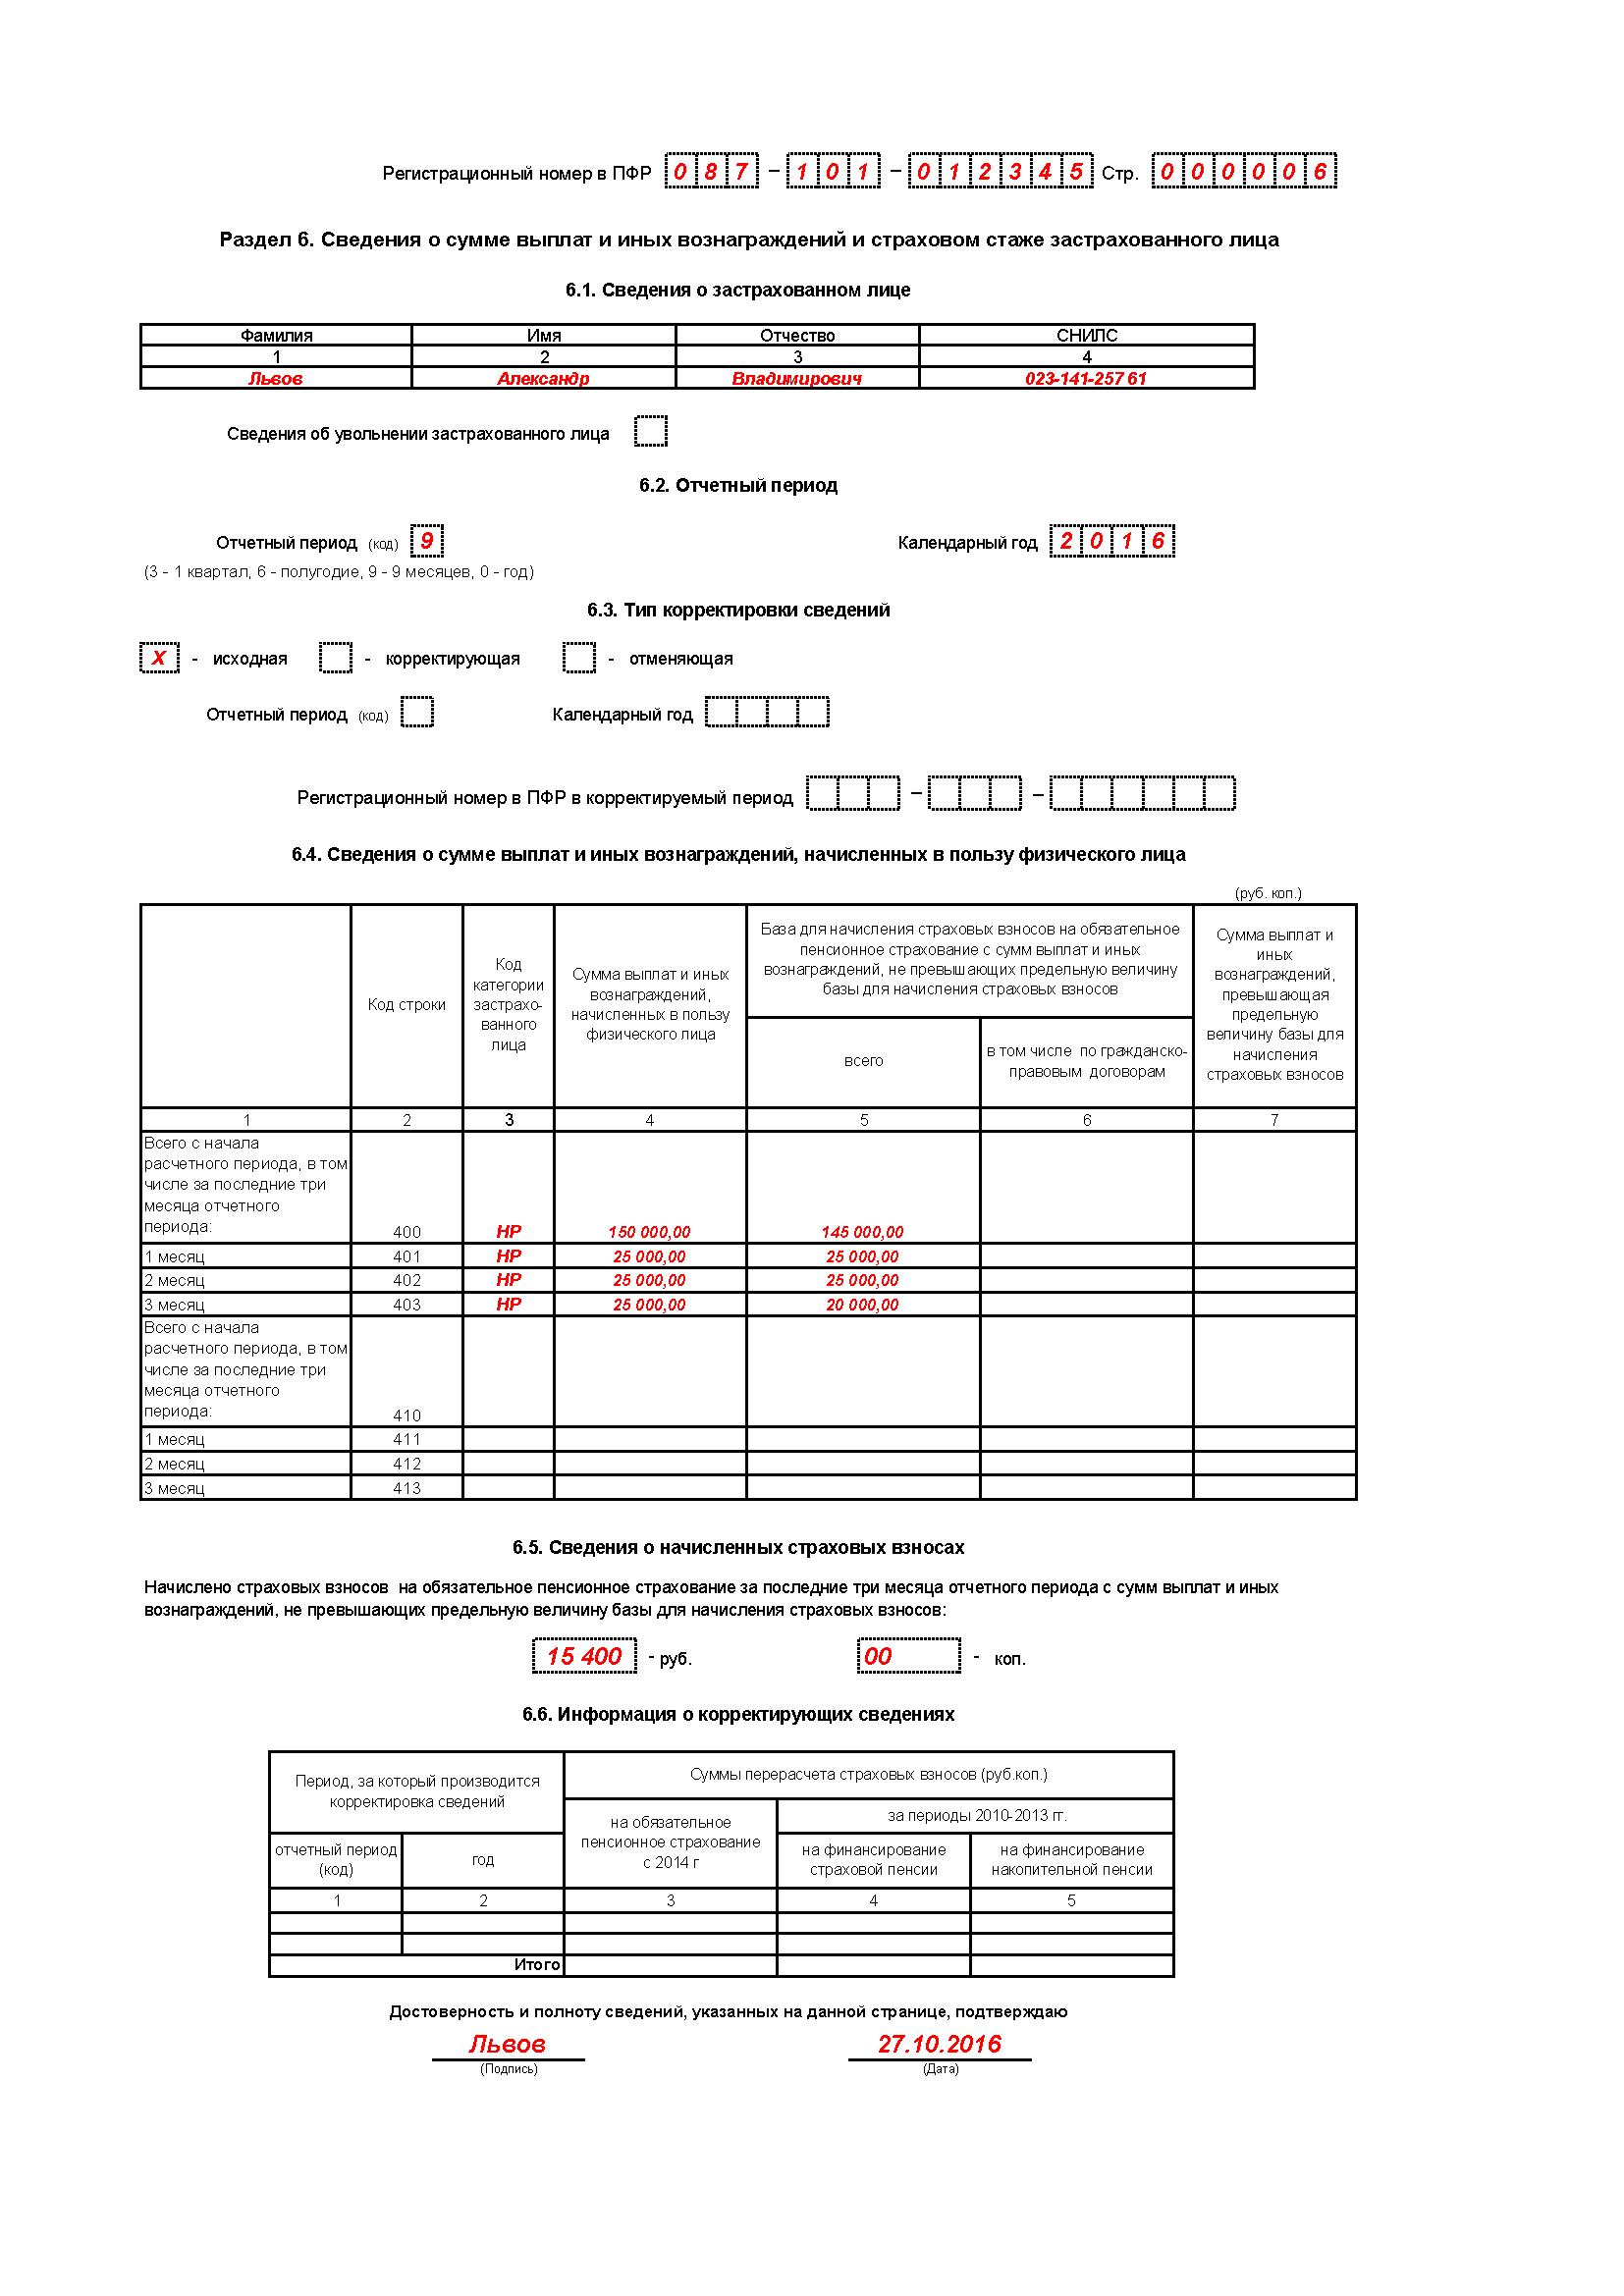 Как сделать отчет в пфр за 3 квартал